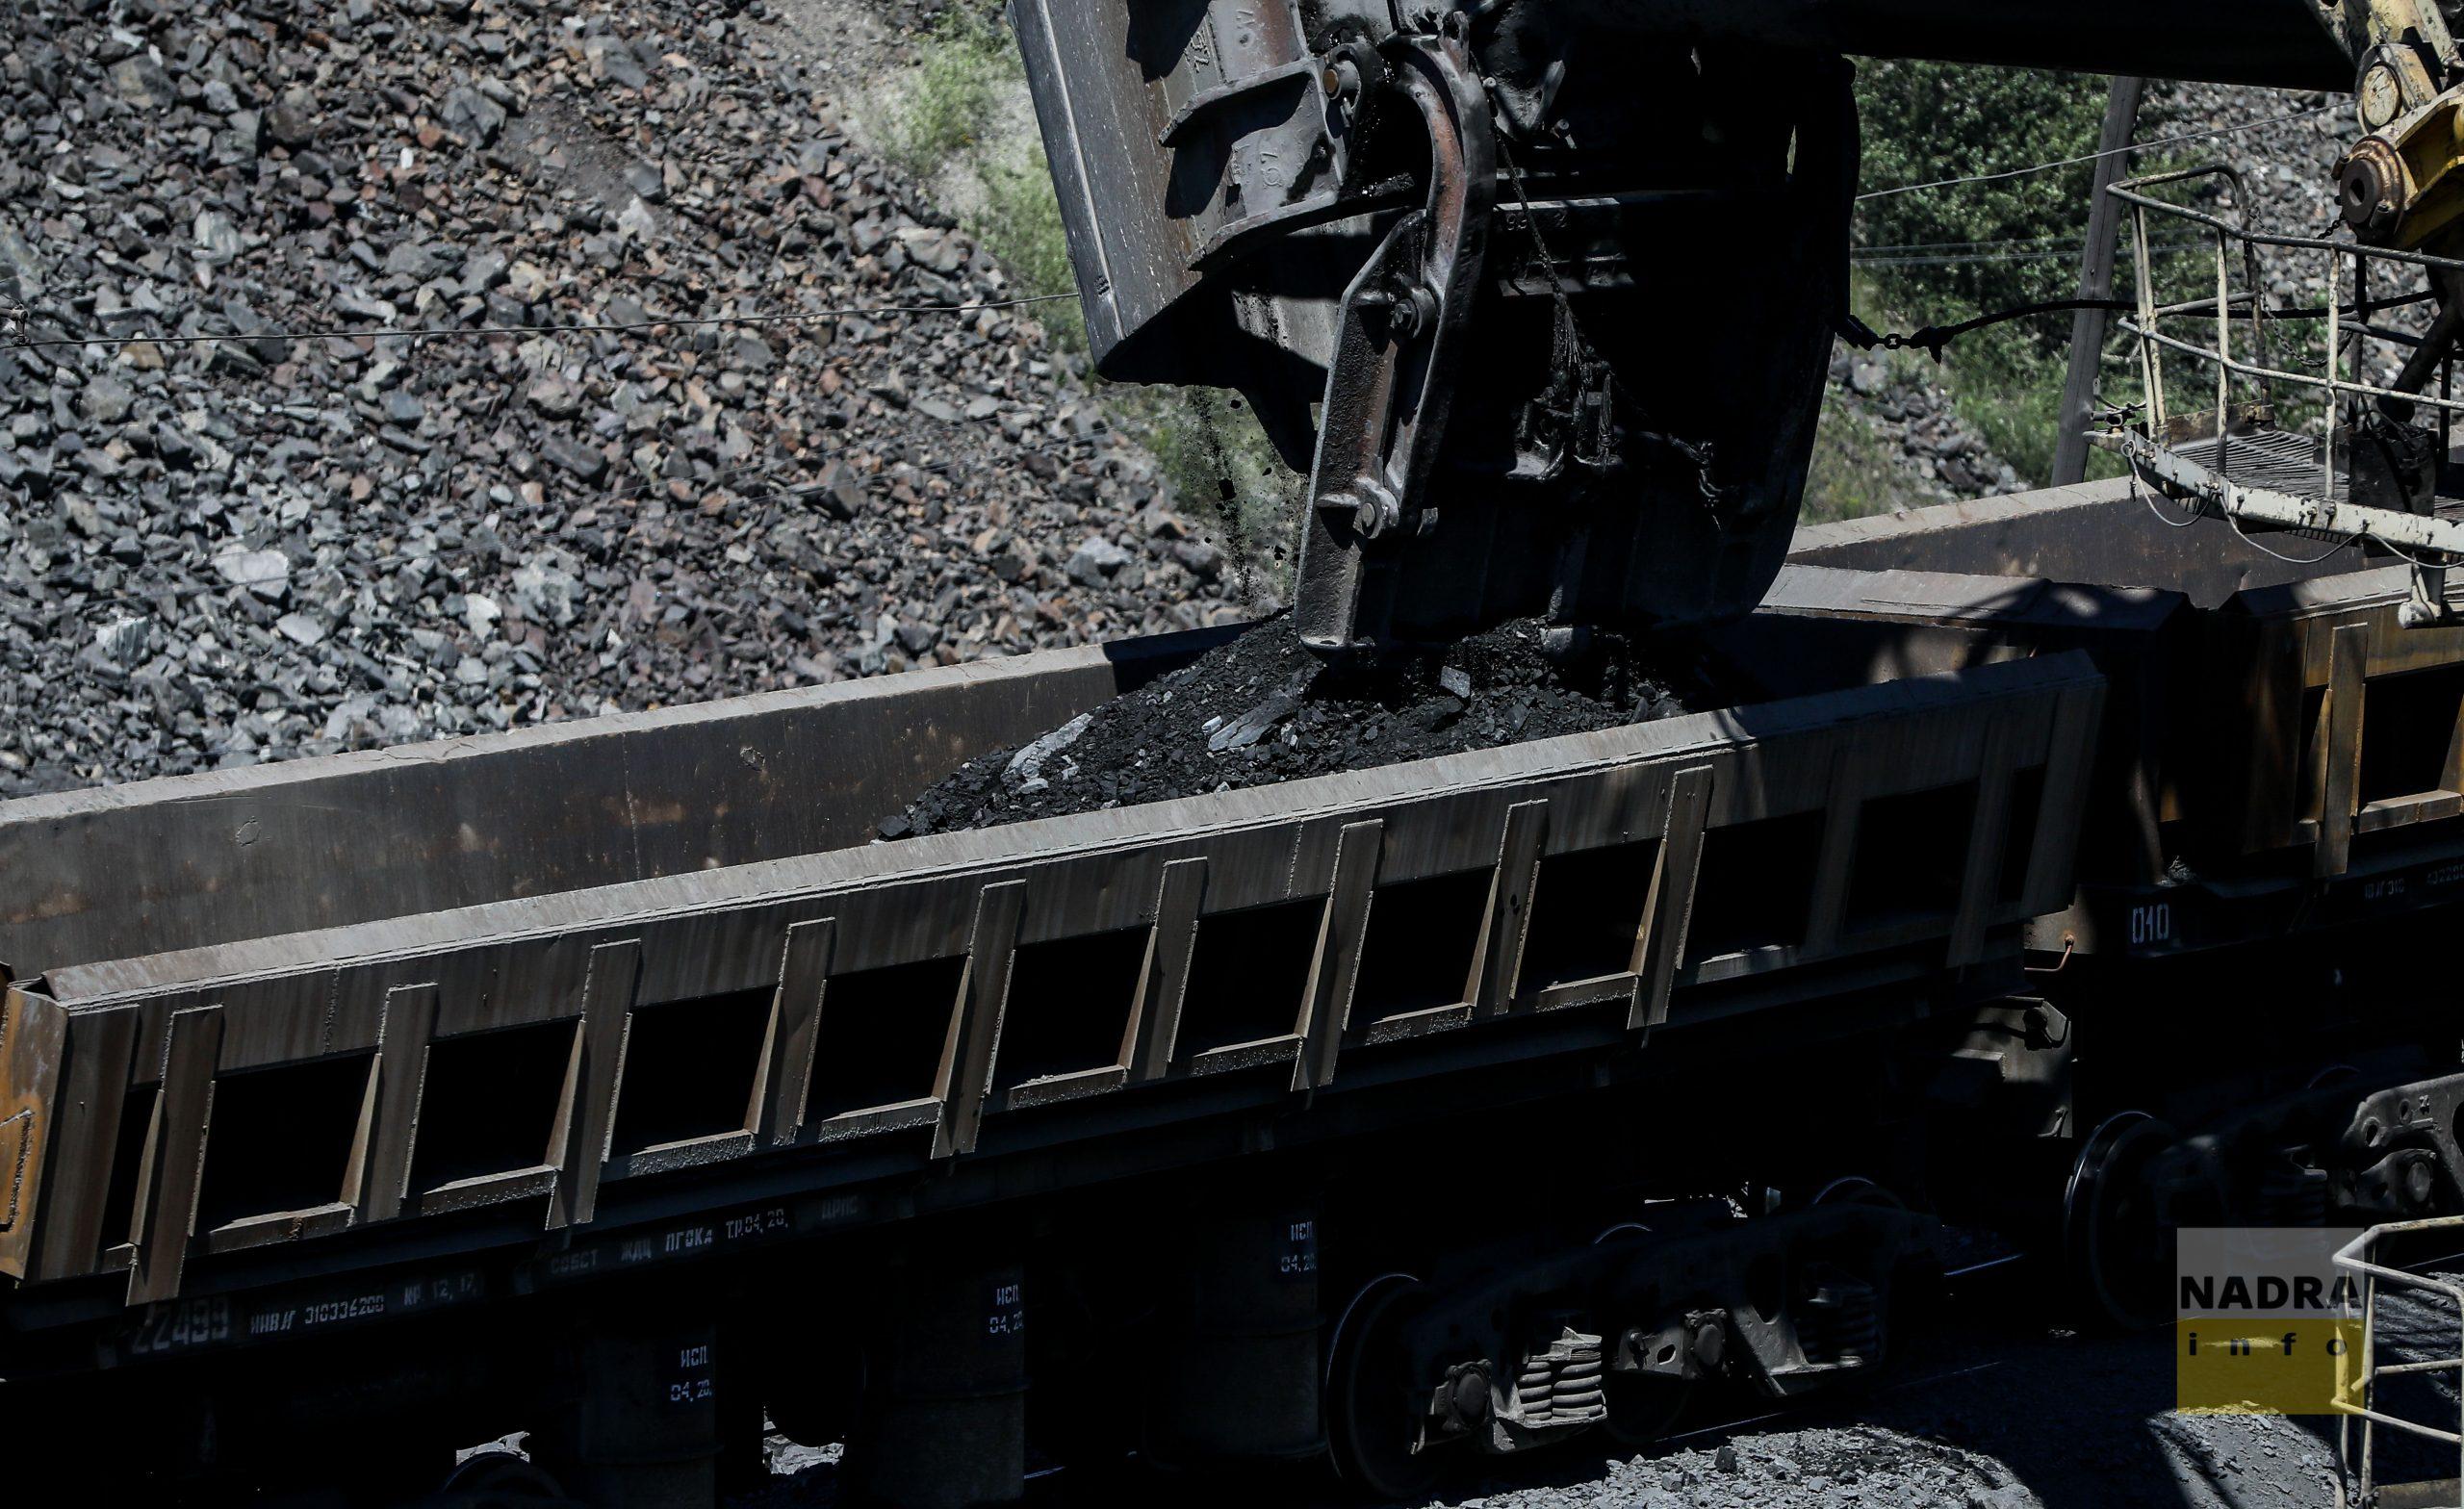 Рудний і бурштиновий спецдозволи розіграли зі знижкою близько 90%